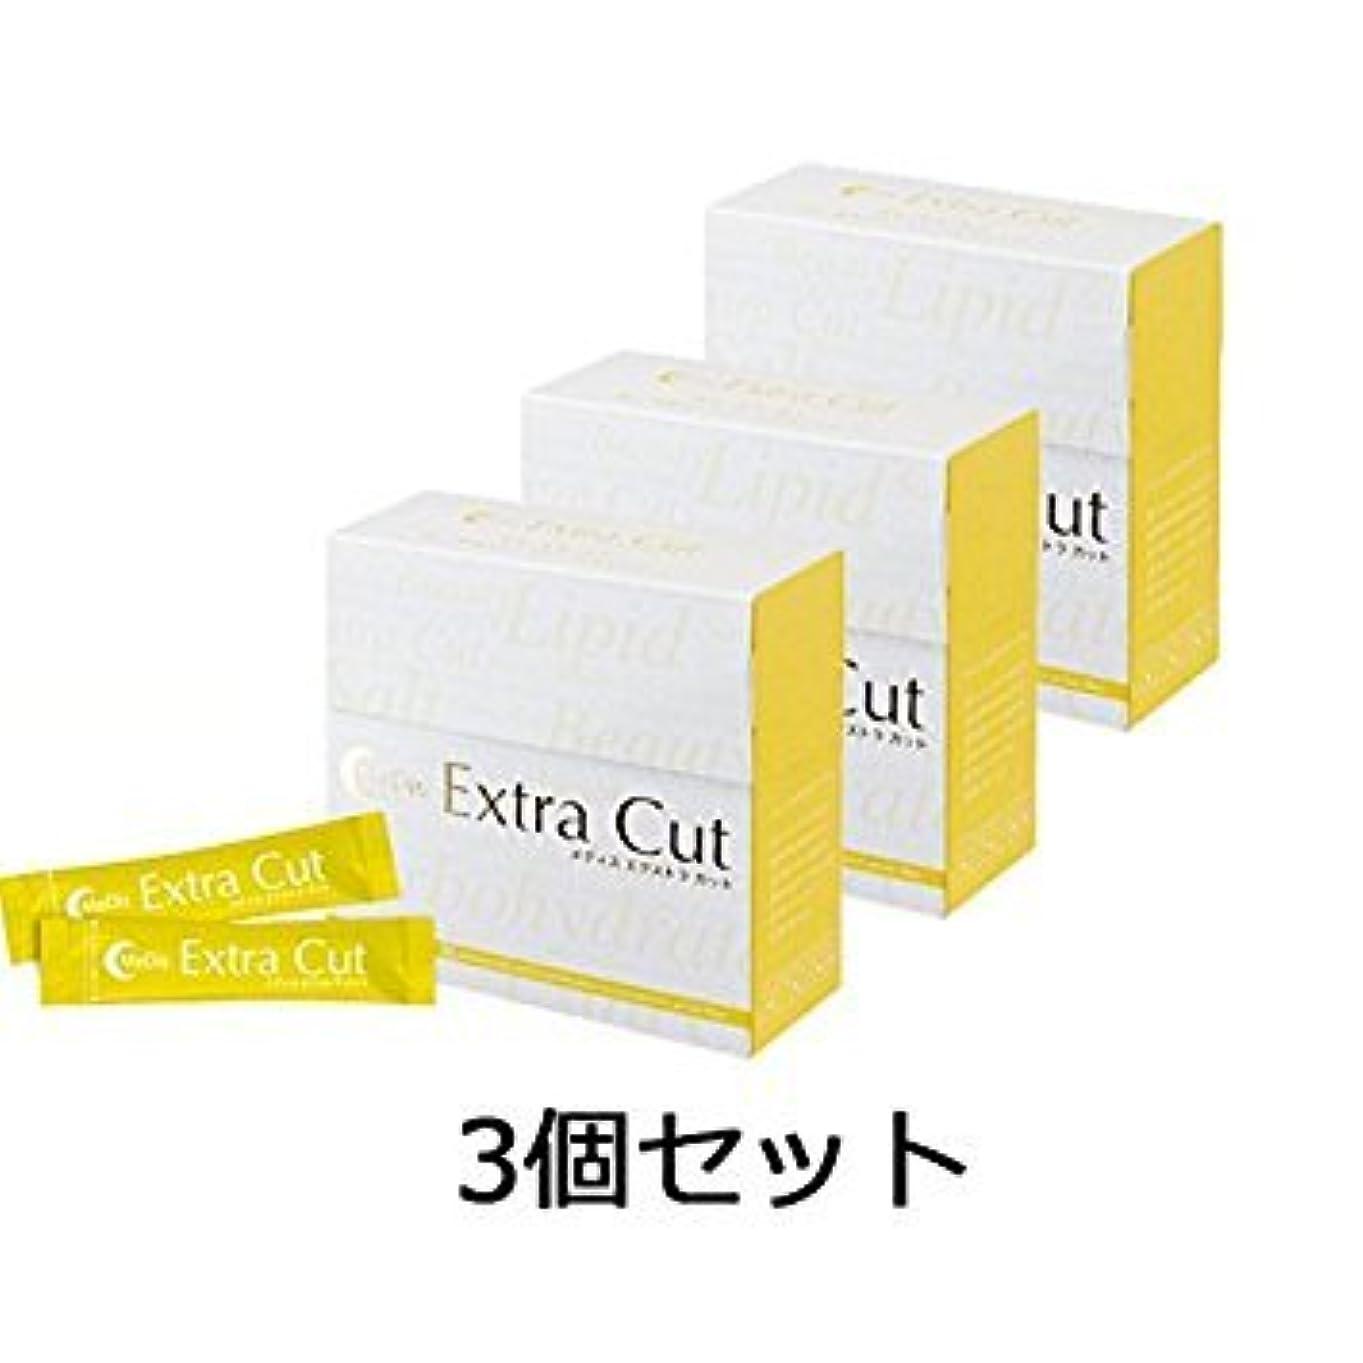 シンク合体ゲームメディス エクストラカット 90g (3g×30包) × 3個セット